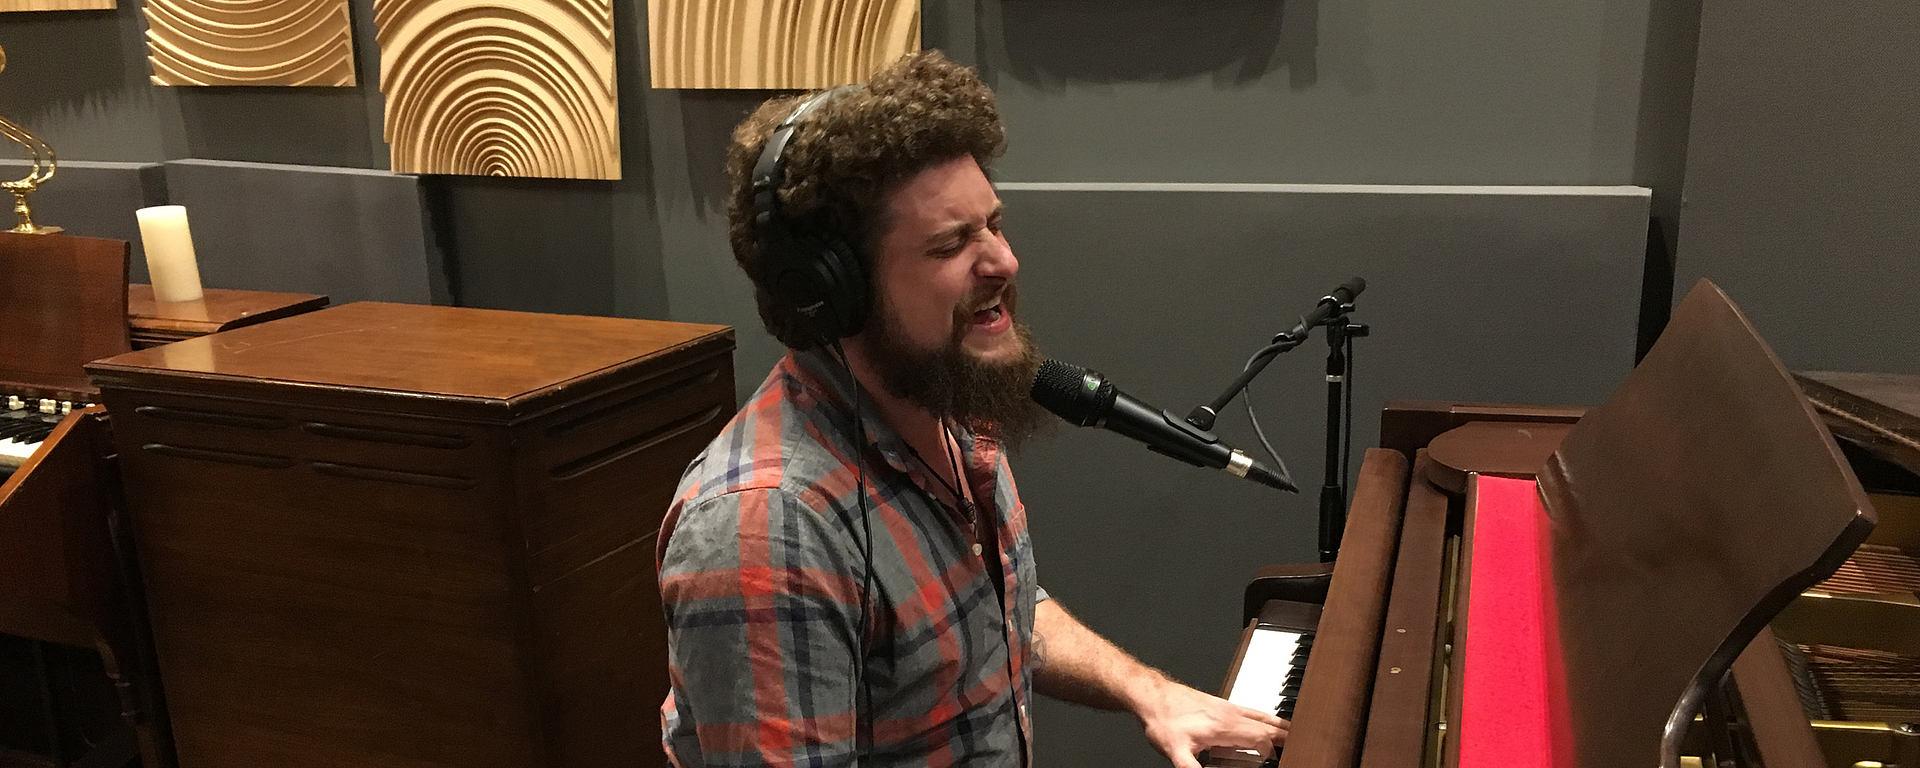 MTP 940 in the studio